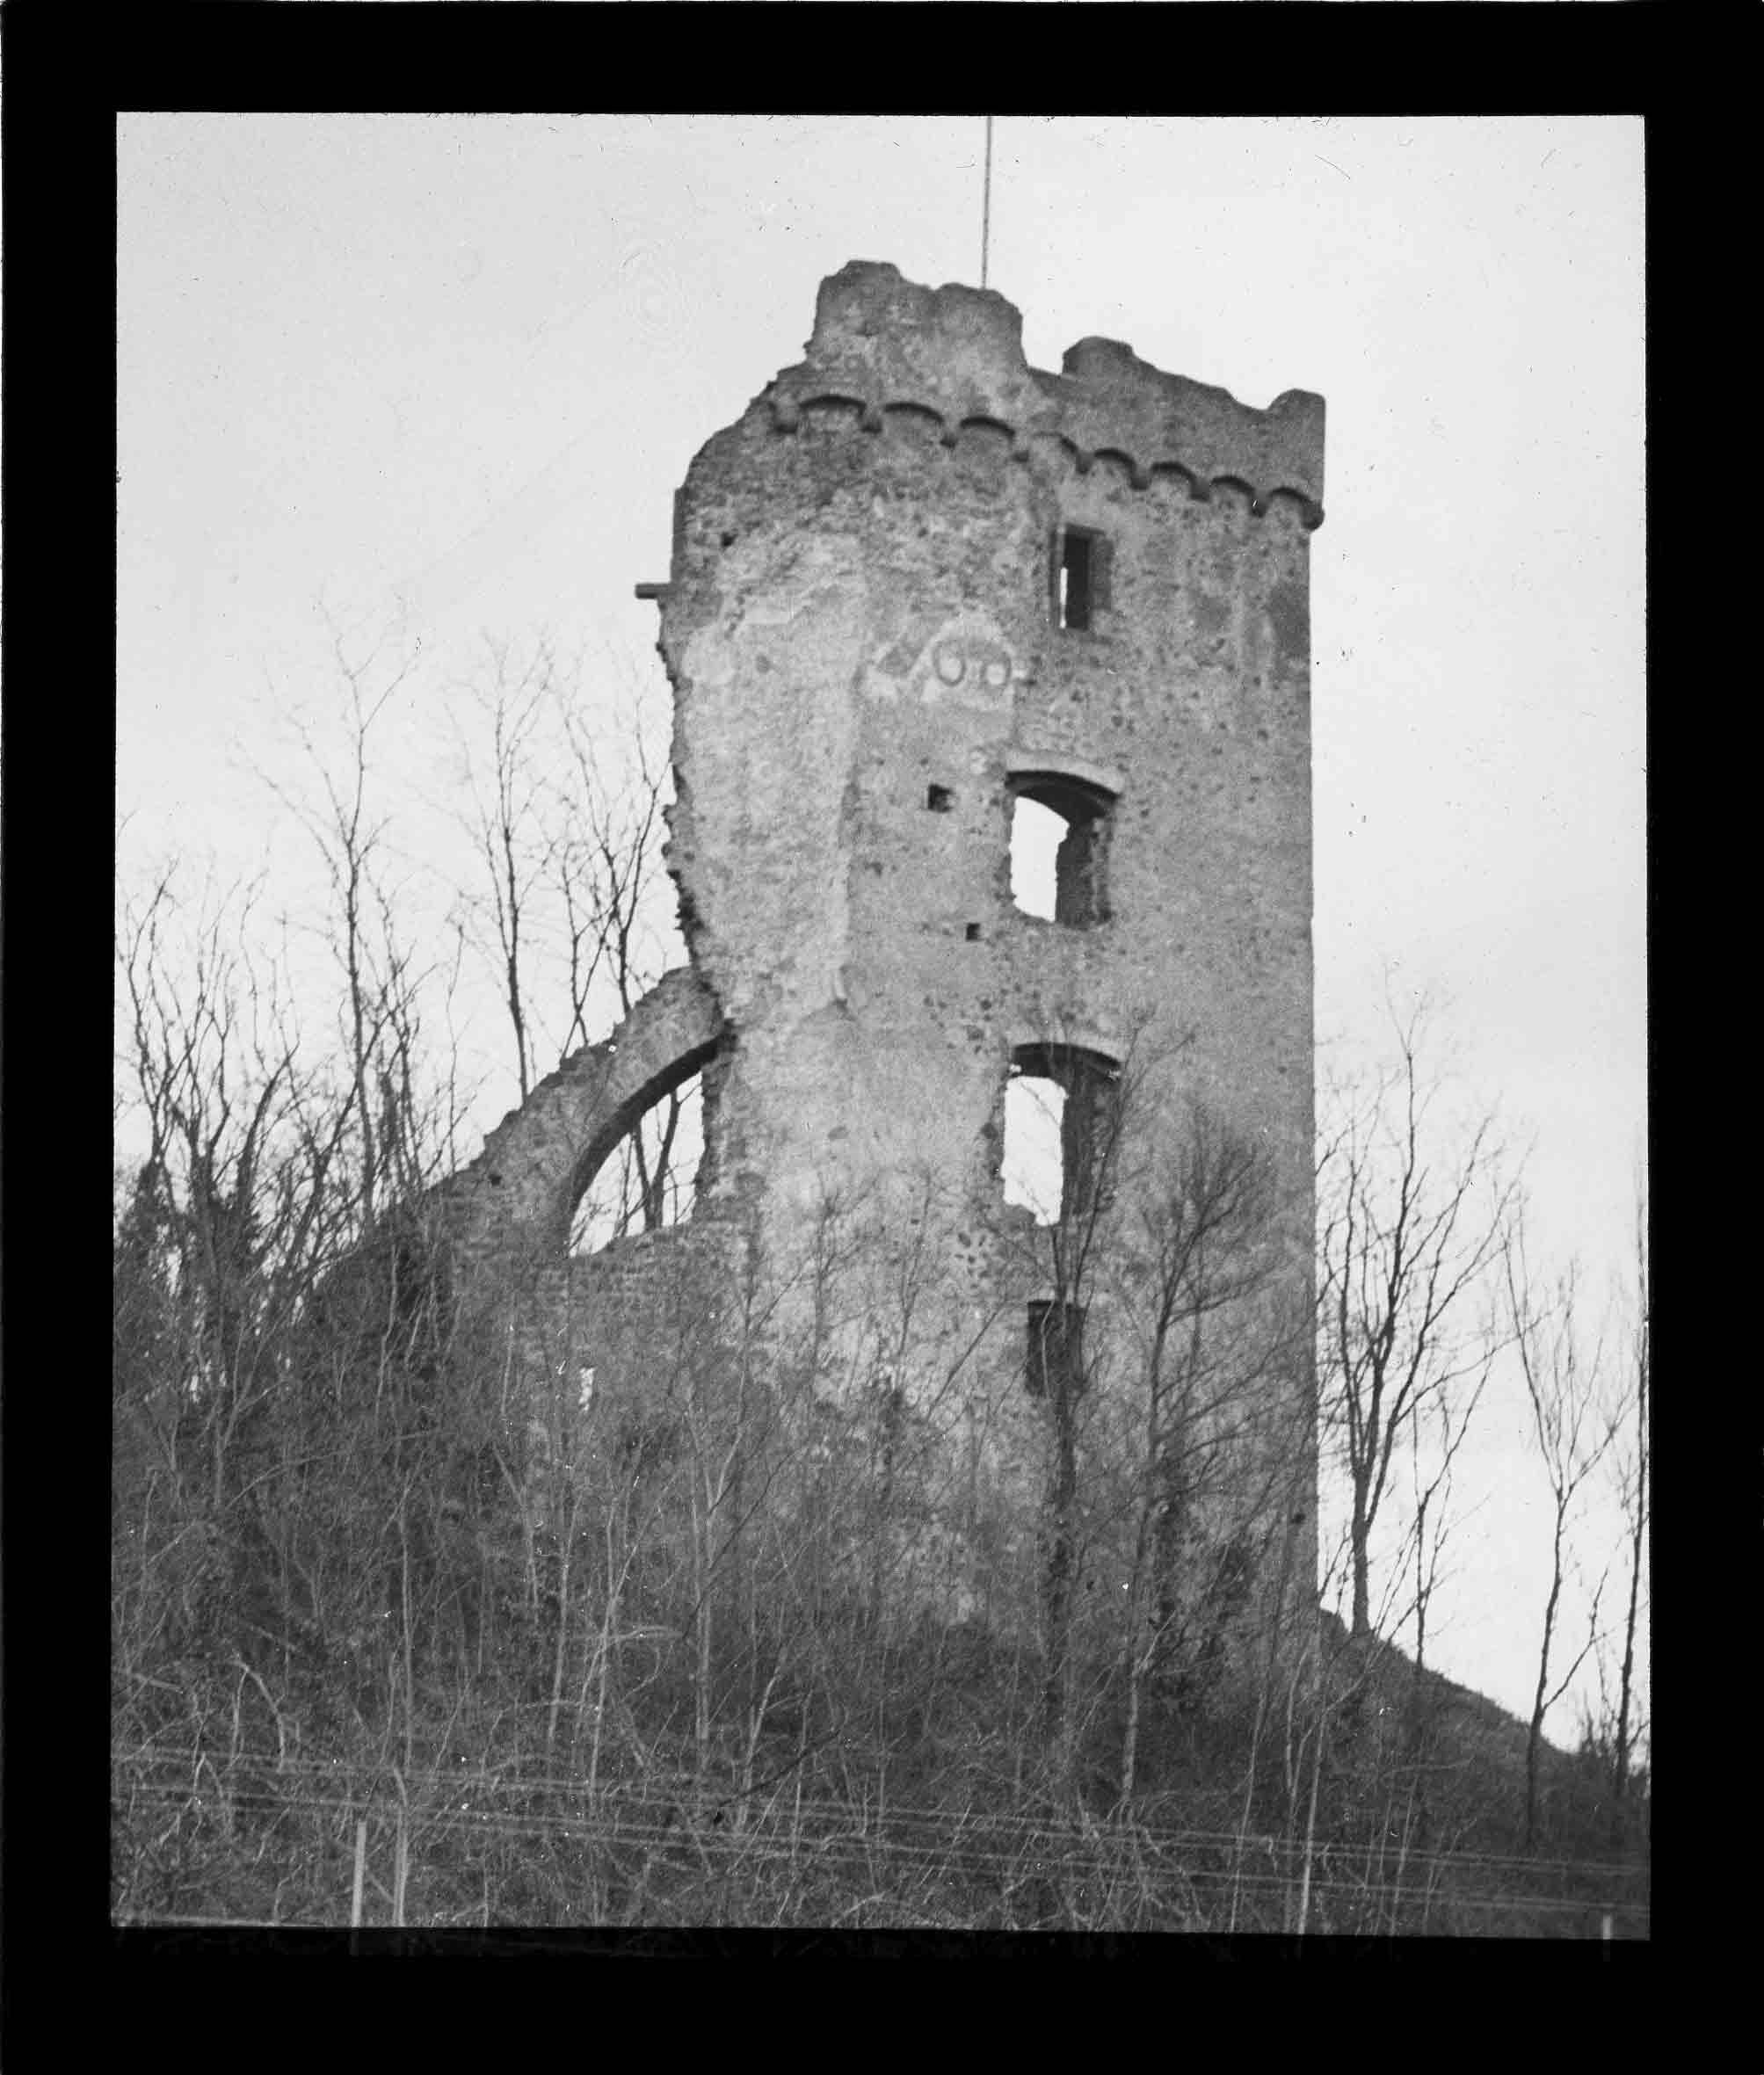 Neue Burg datiert Scan